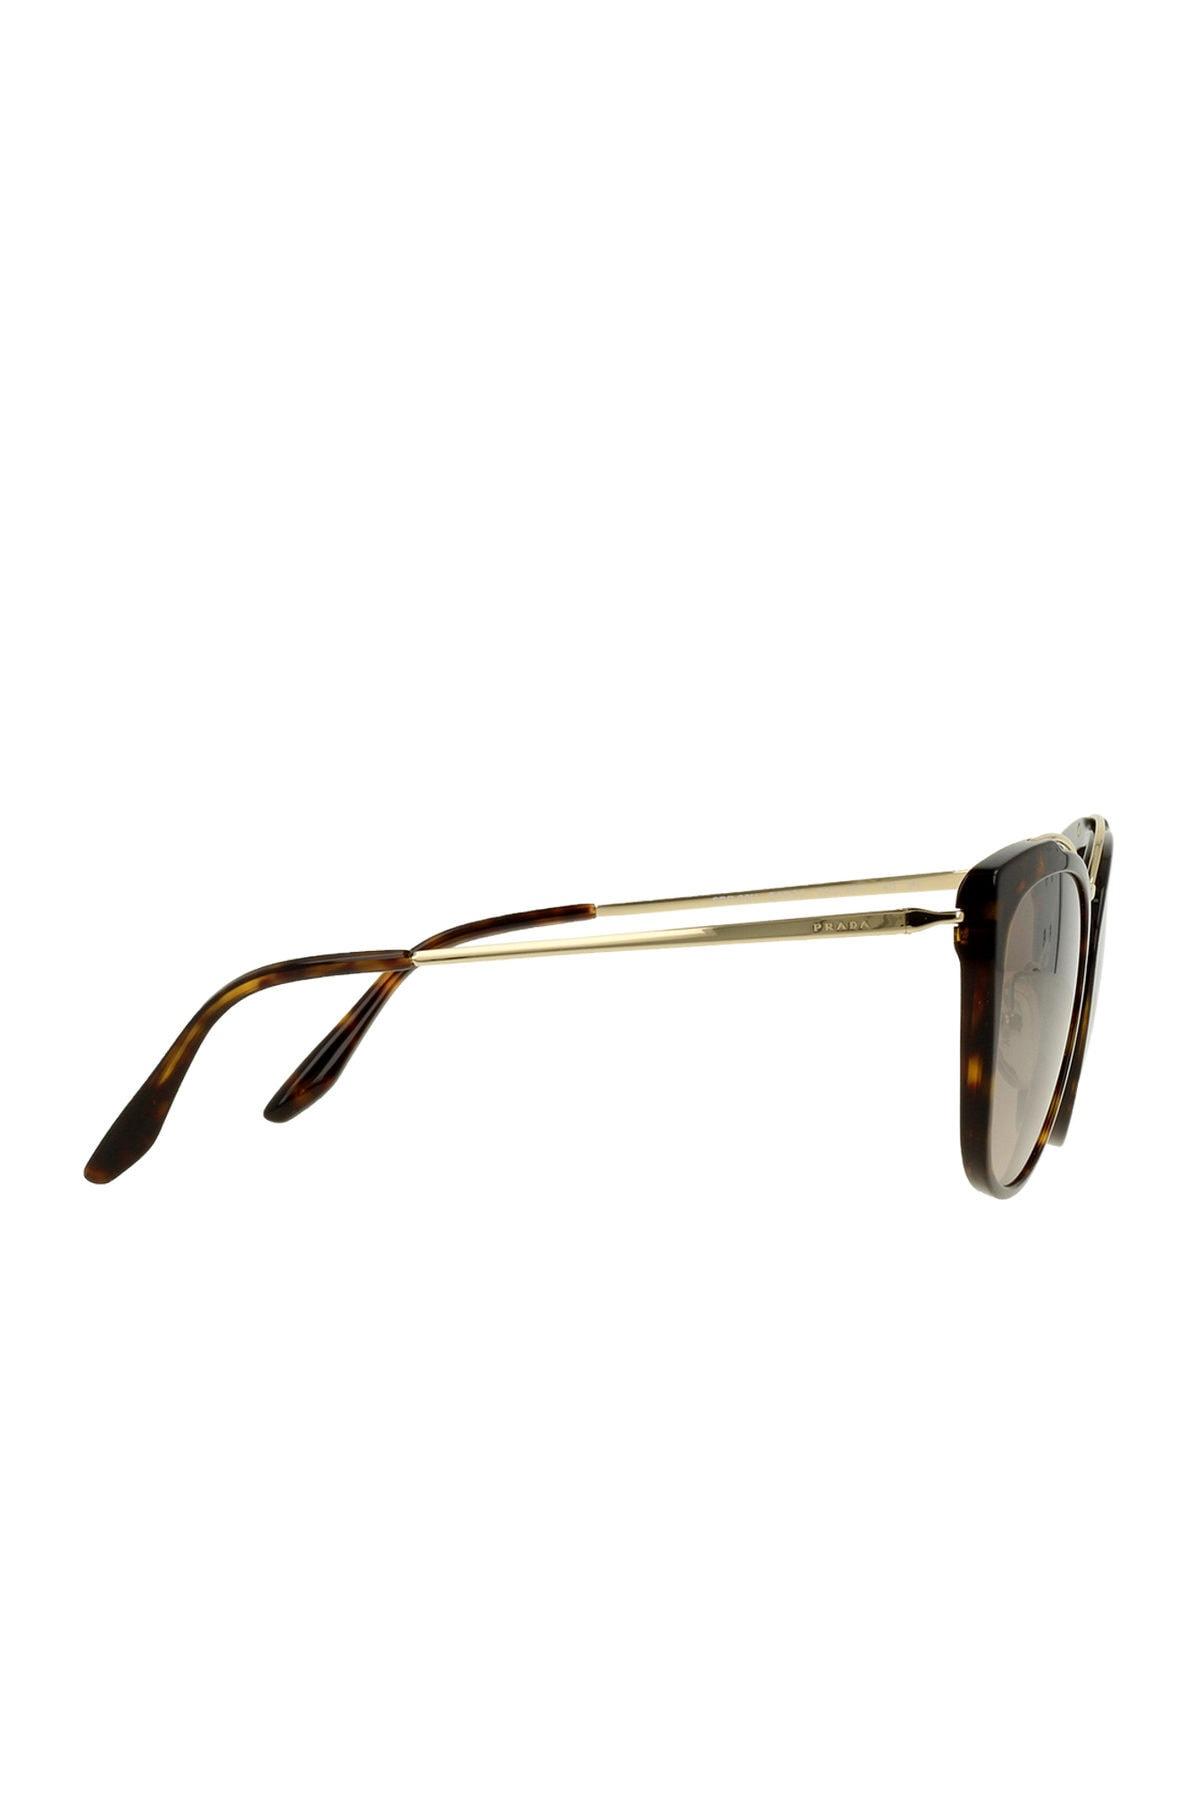 Prada Kadın Güneş Gözlüğü GU034677 2